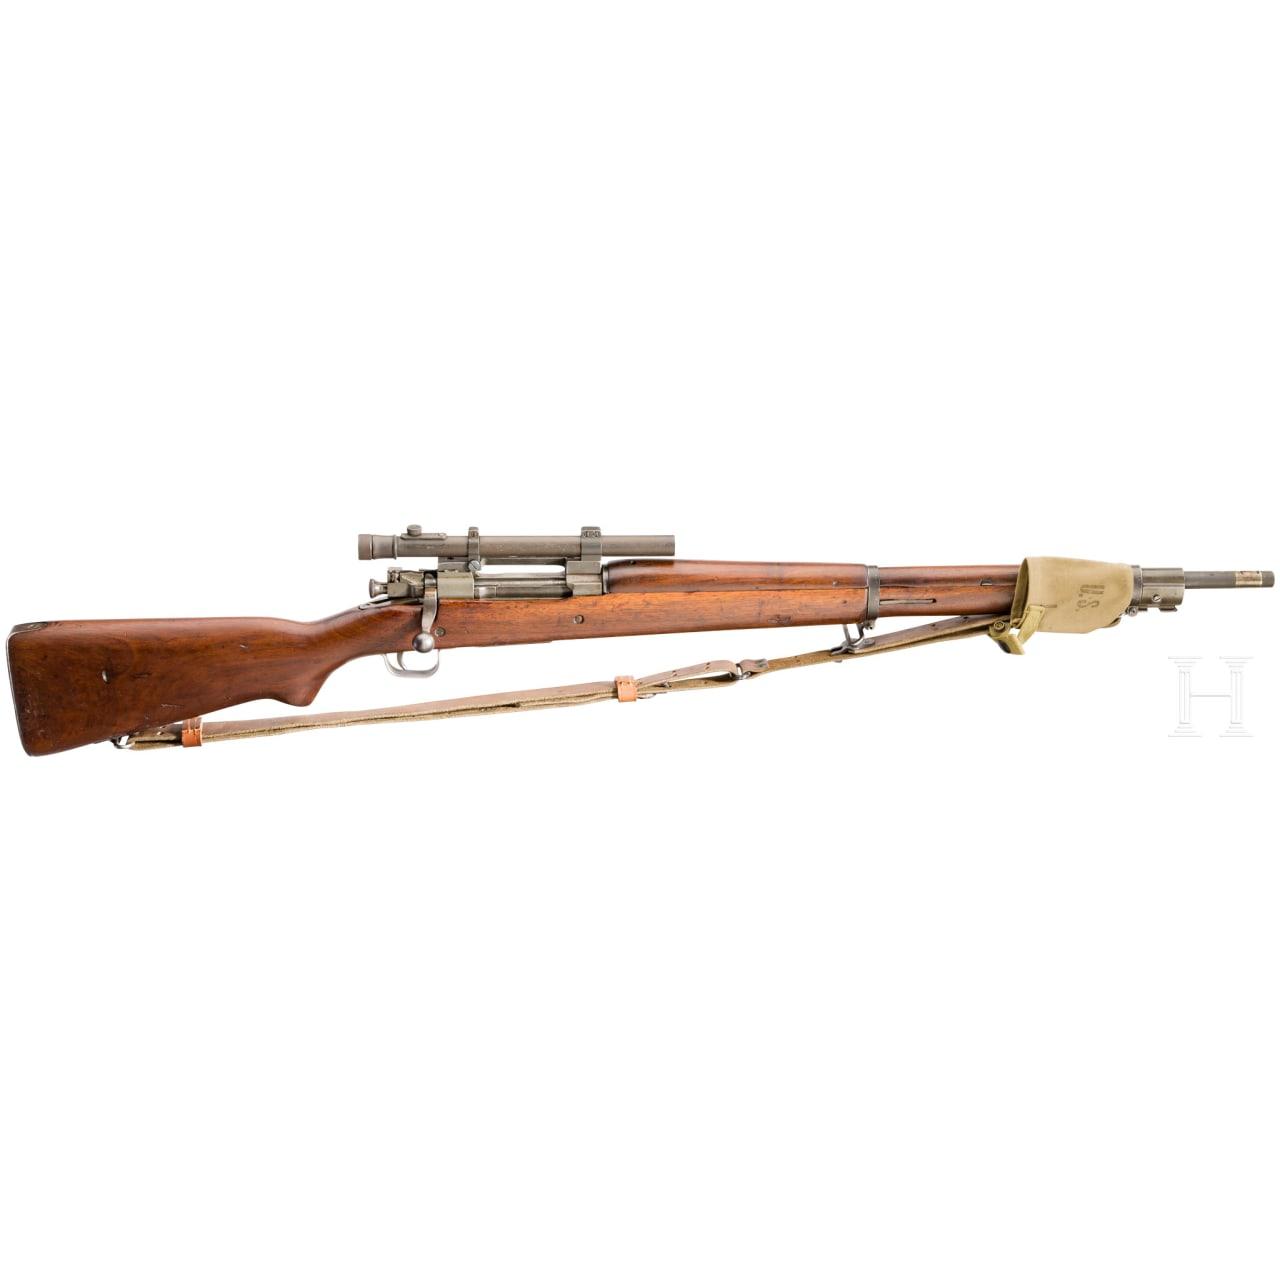 Originales Scharfschützengewehr Remington Mod. 1903-A3/A4, mit ZF Weaver